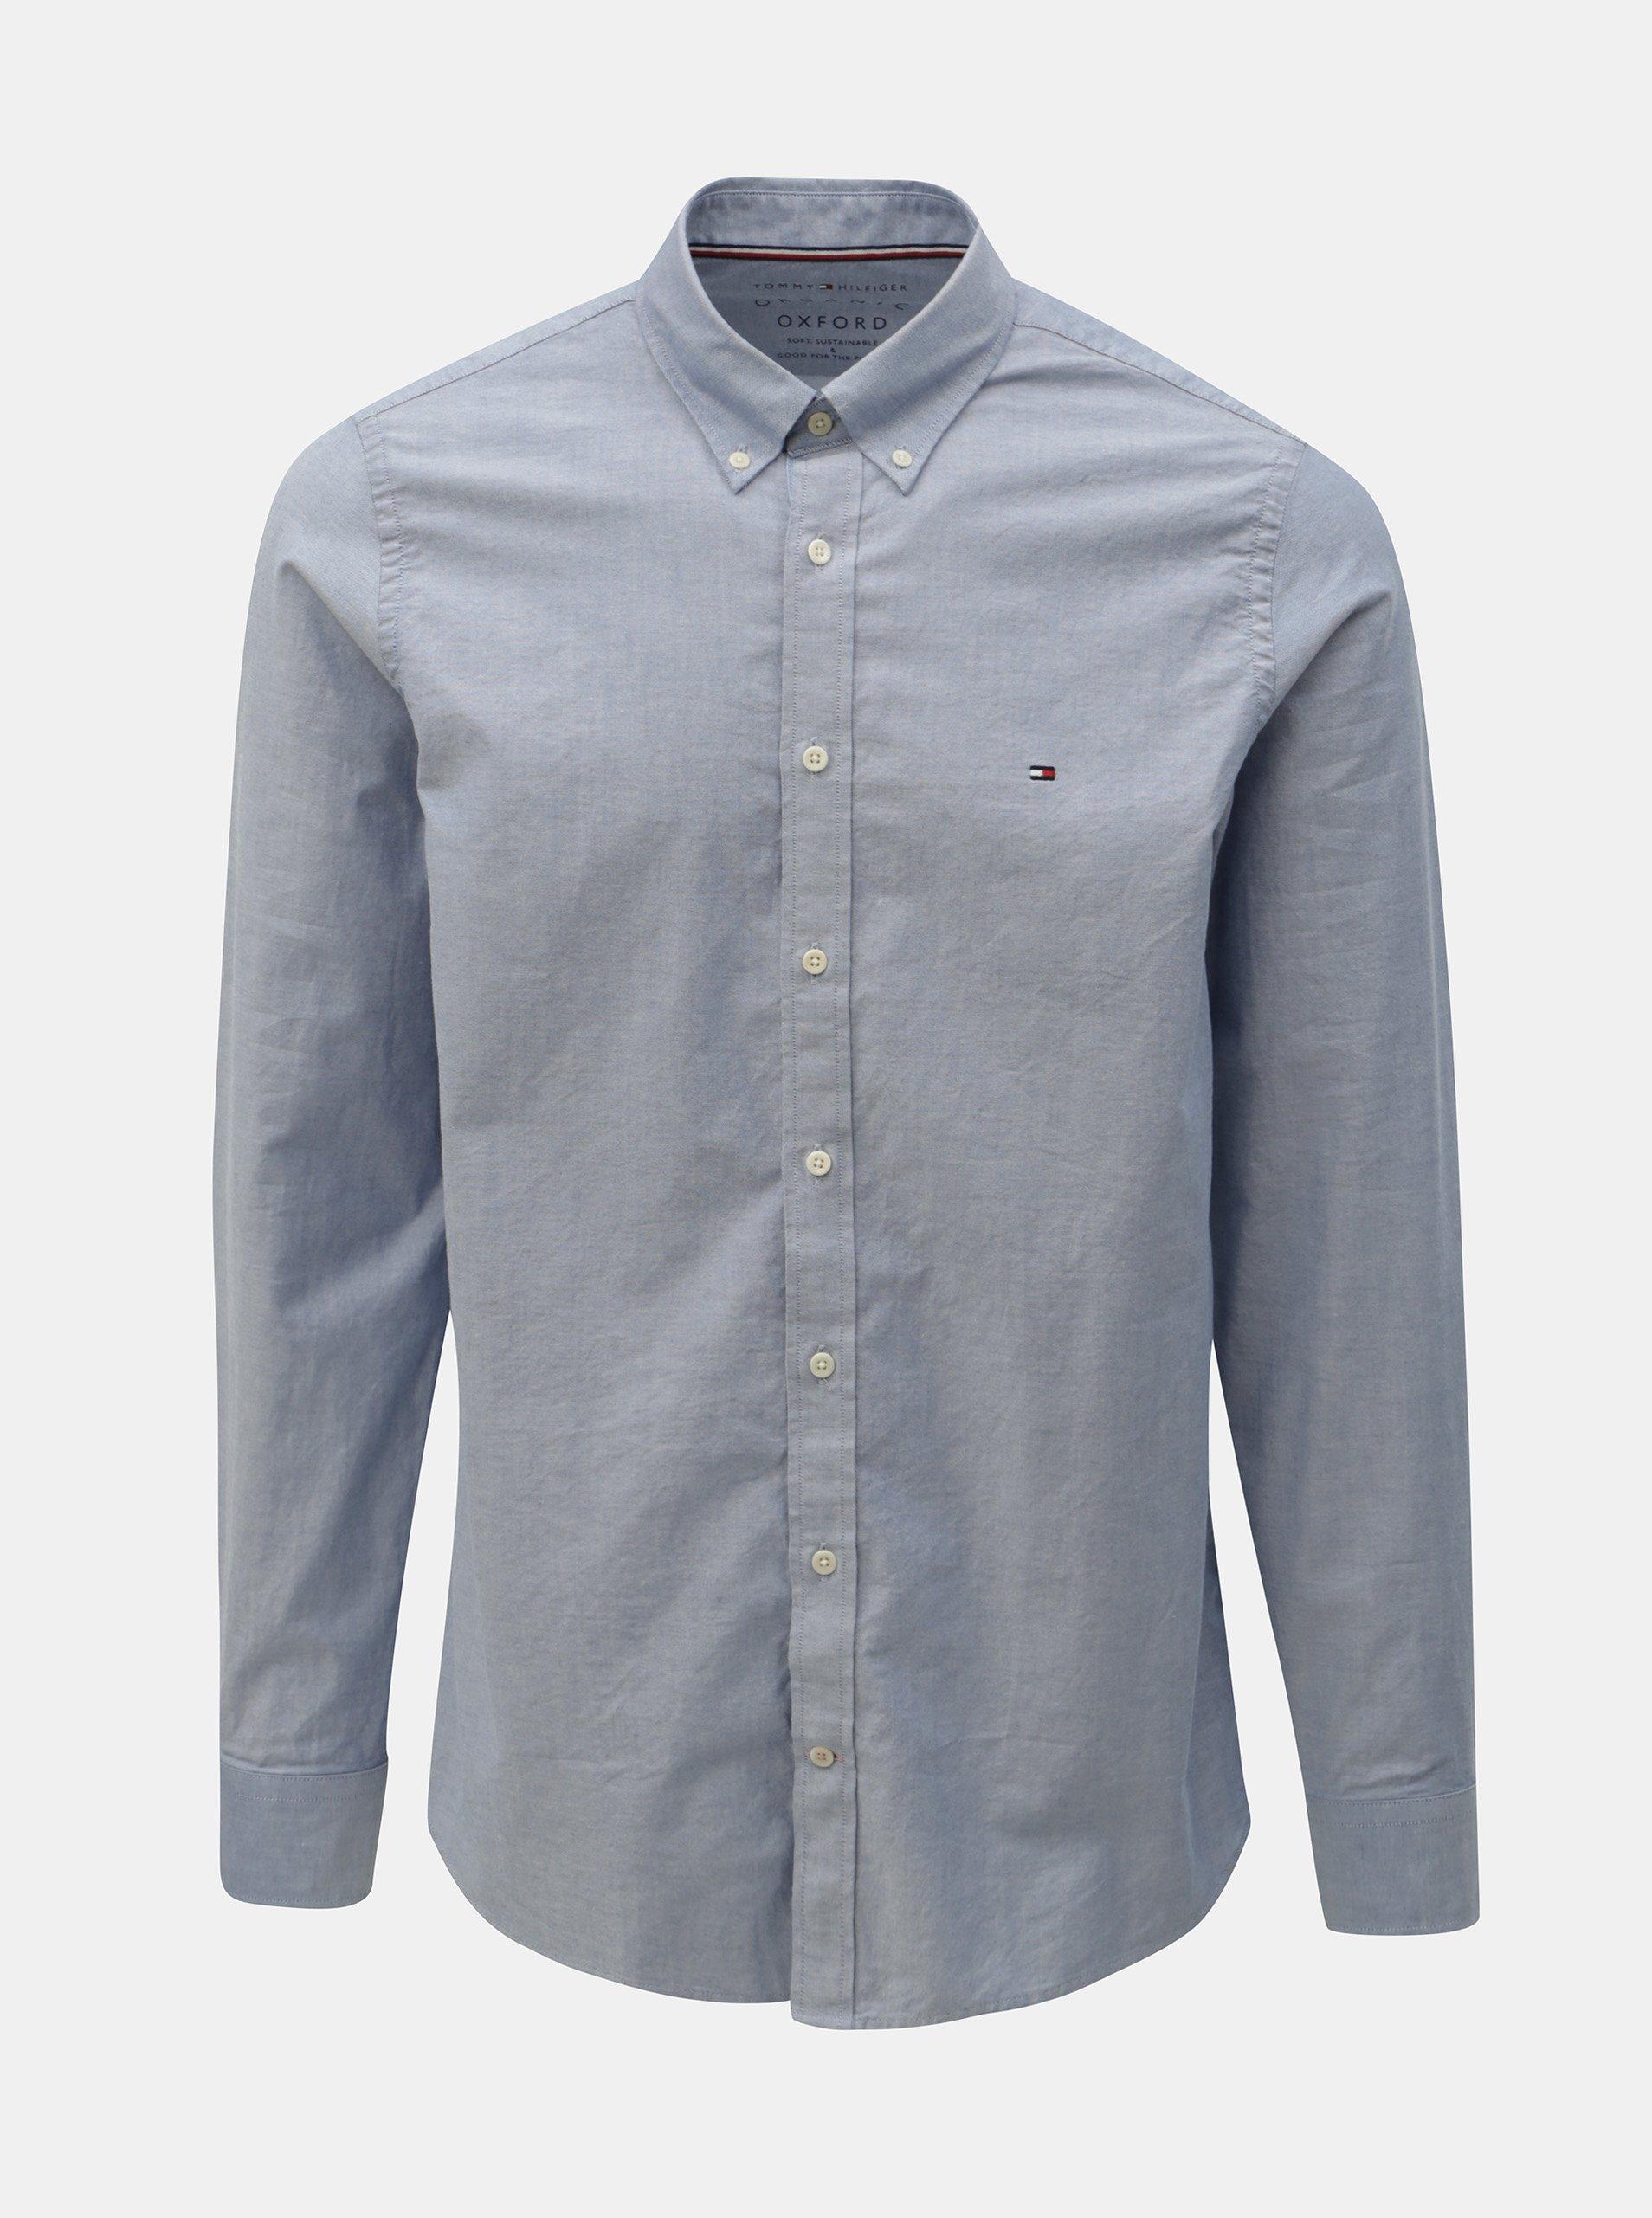 d9684f849c1a Modrá pánská slim fit košile Tommy Hilfiger